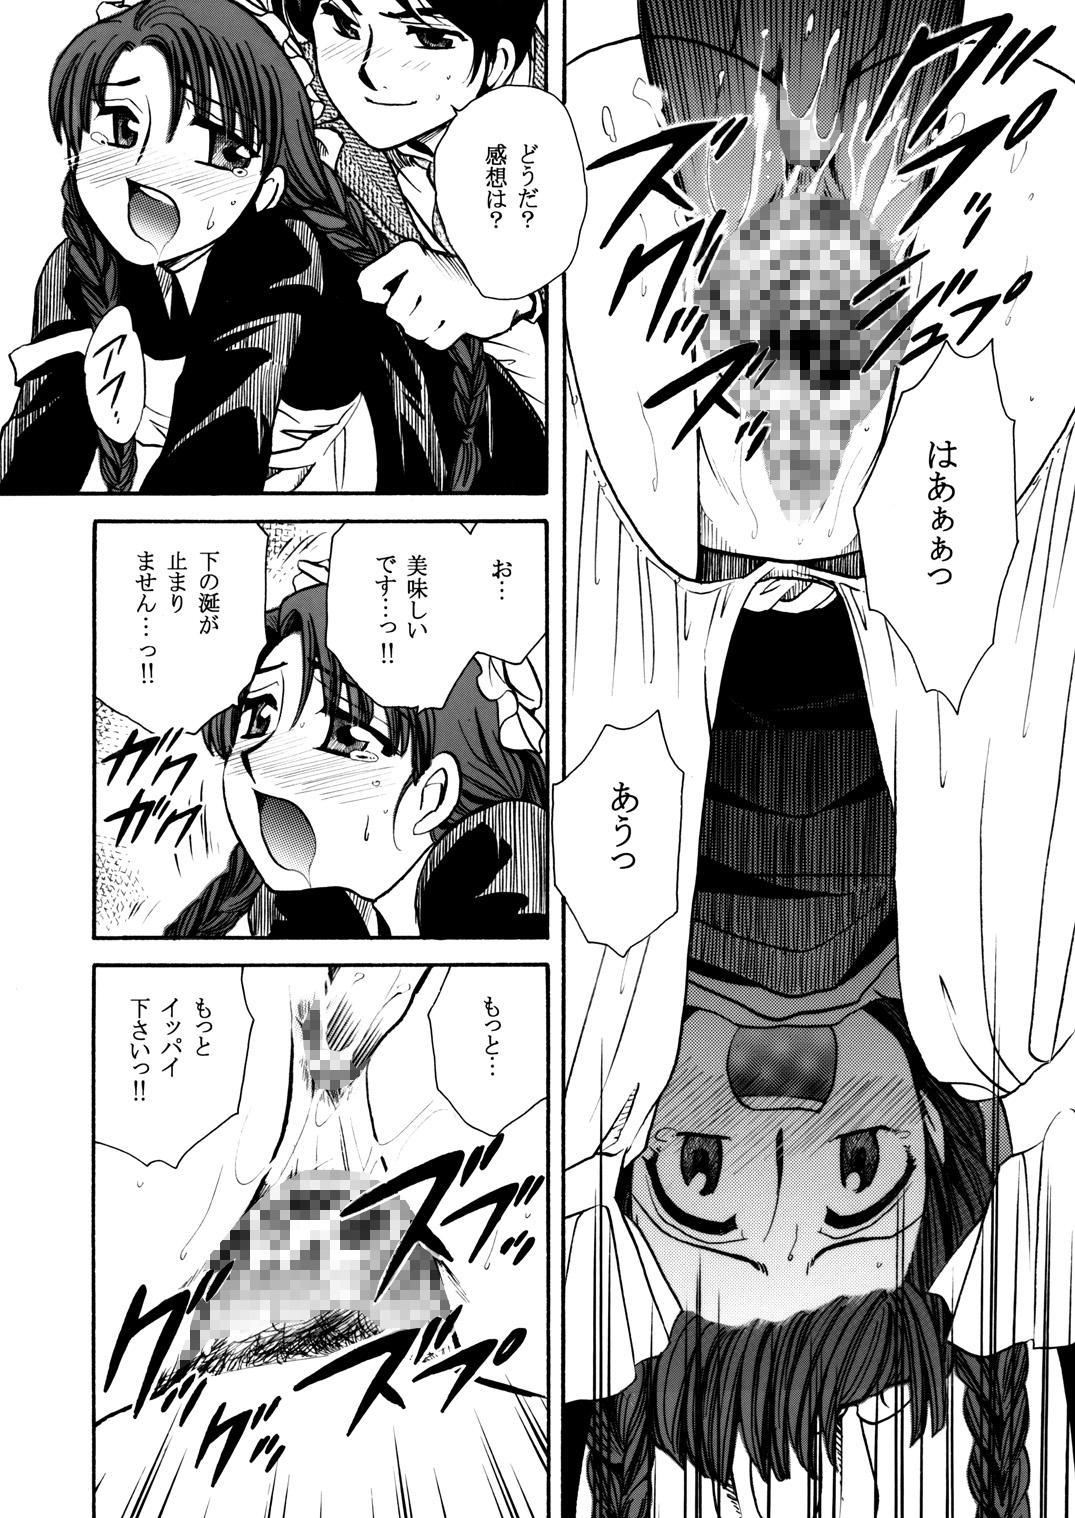 Moshimo no Emma sousyuuhen 49